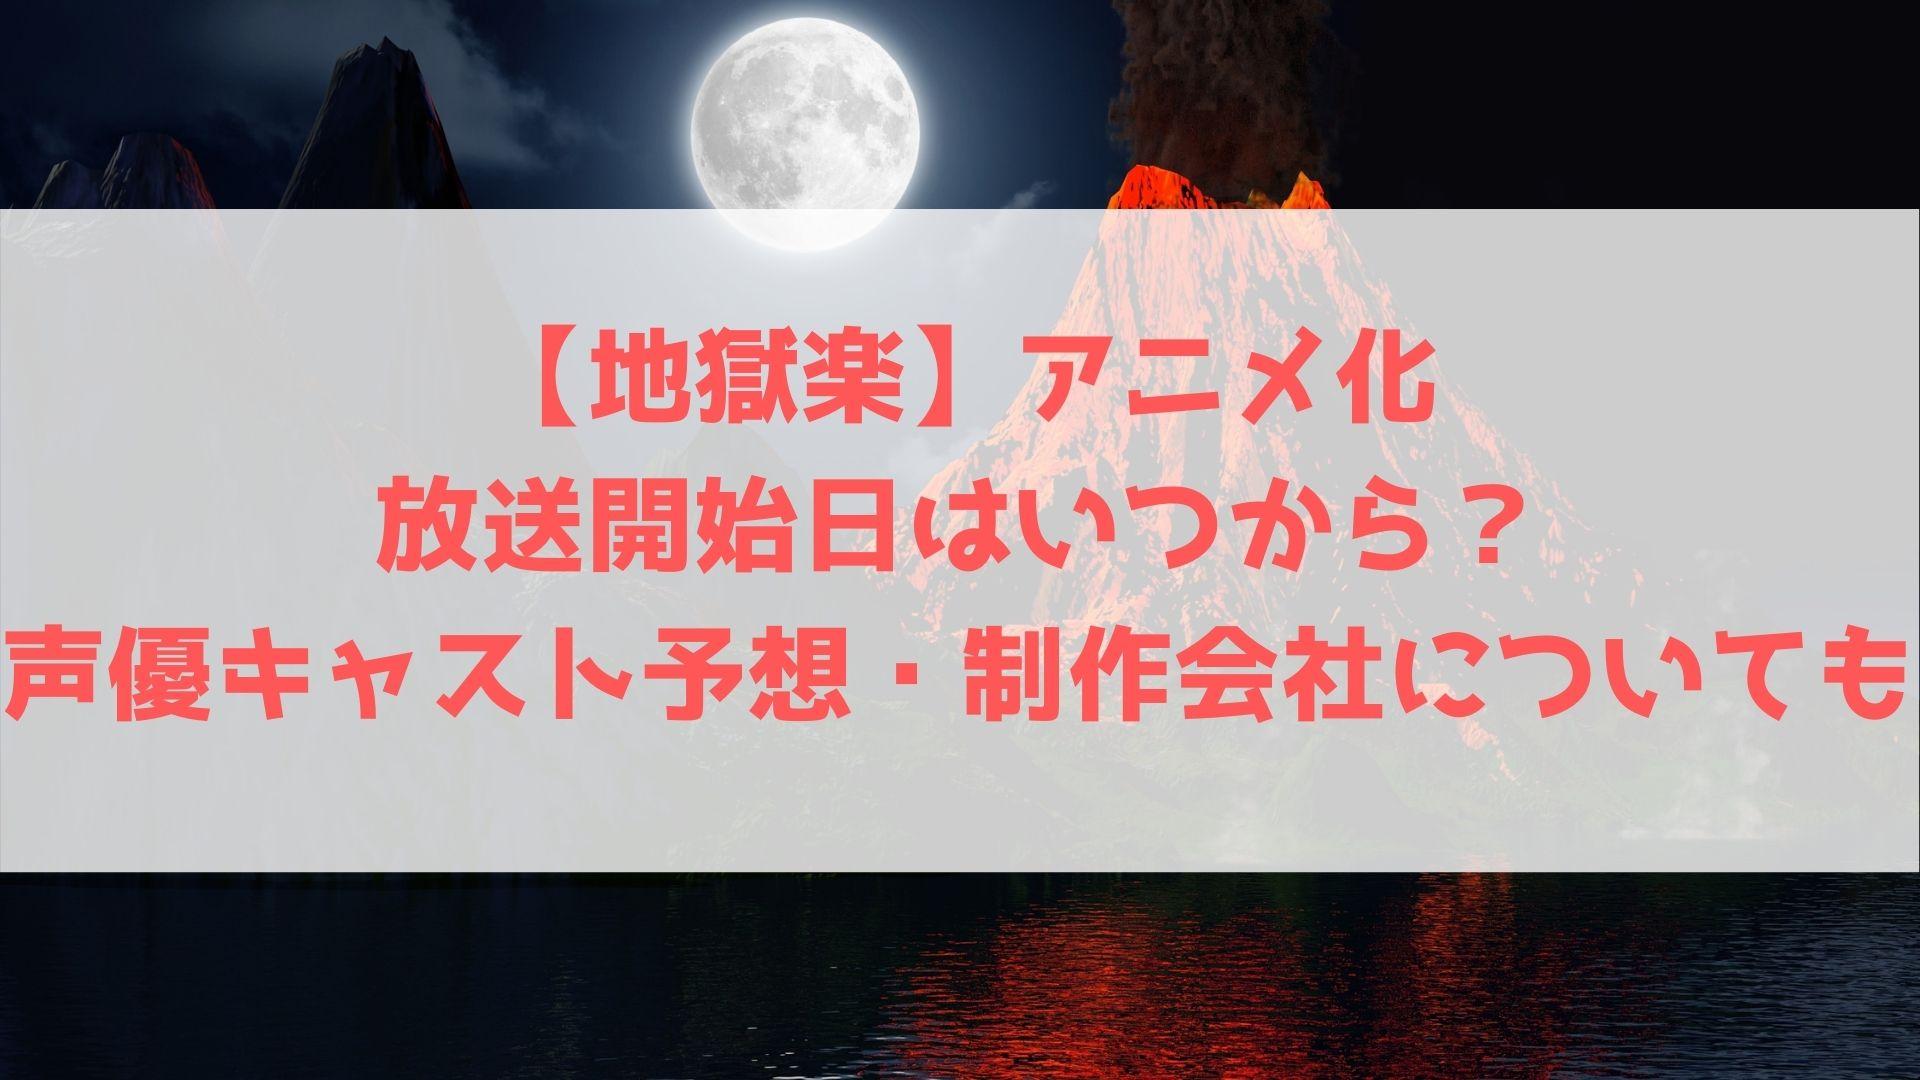 アニメ 化 楽 地獄